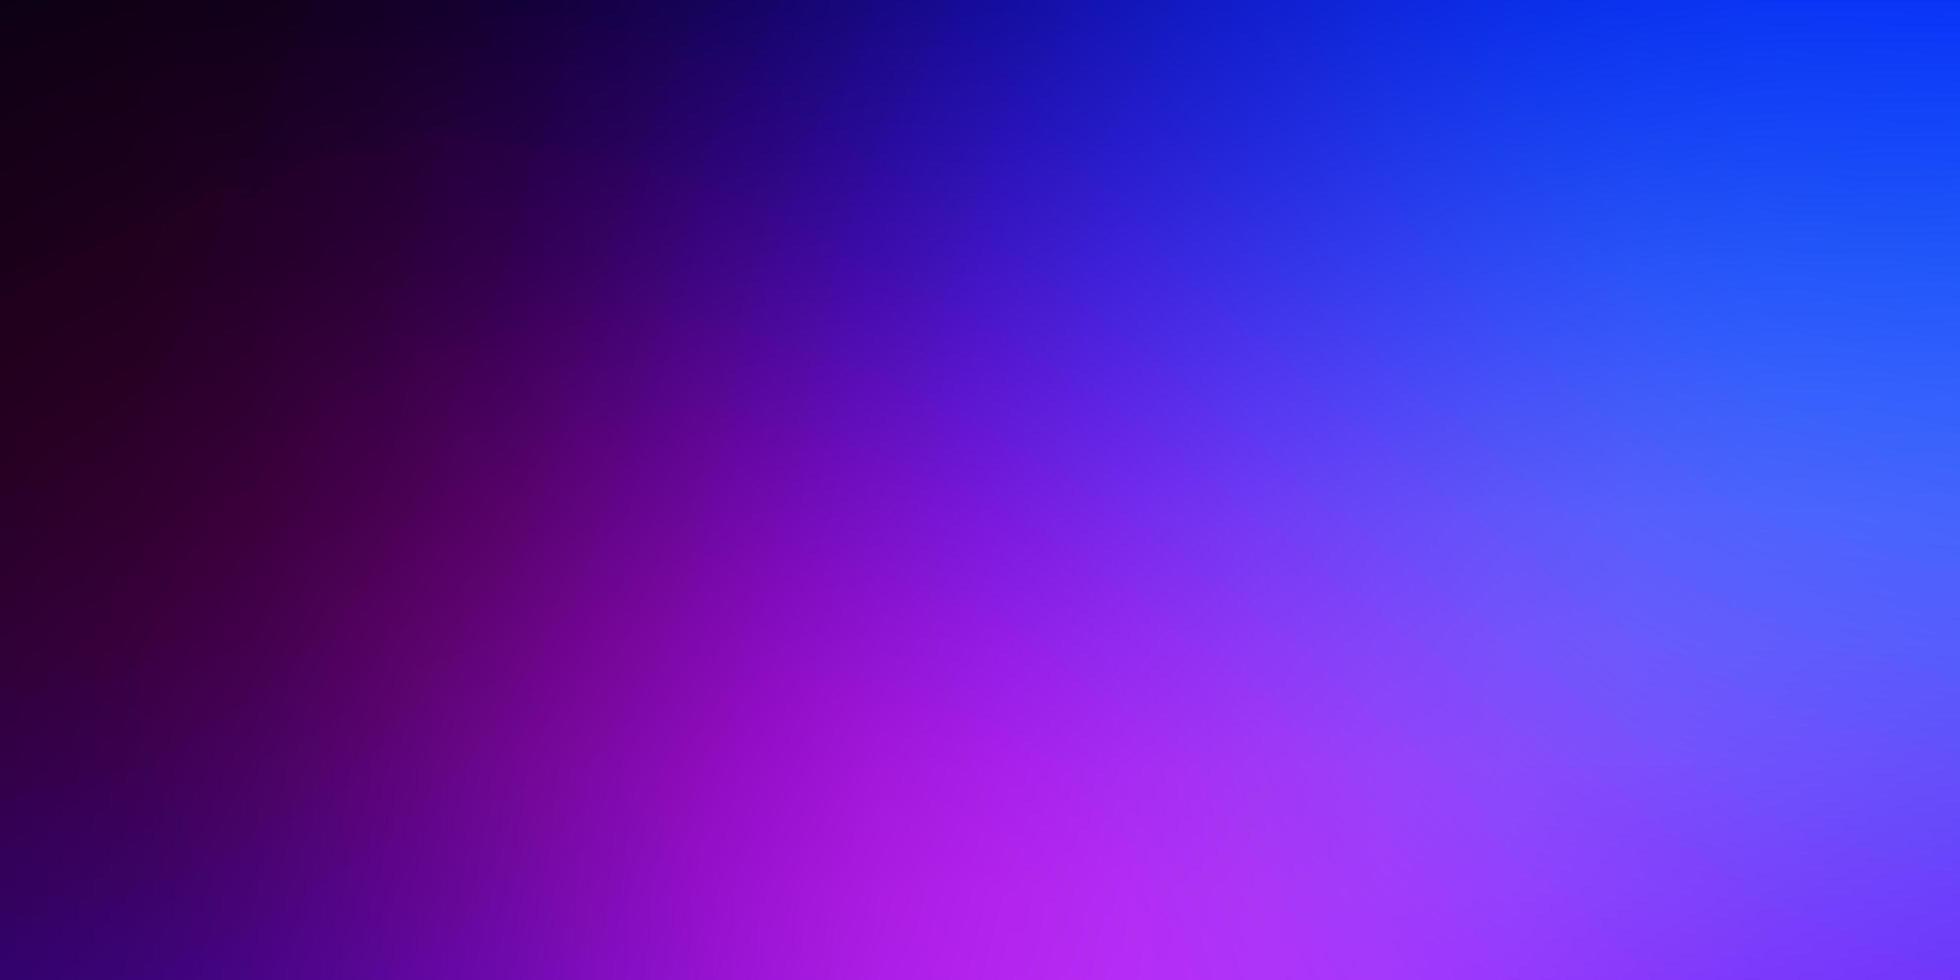 modello luminoso astratto di vettore rosa scuro, blu.